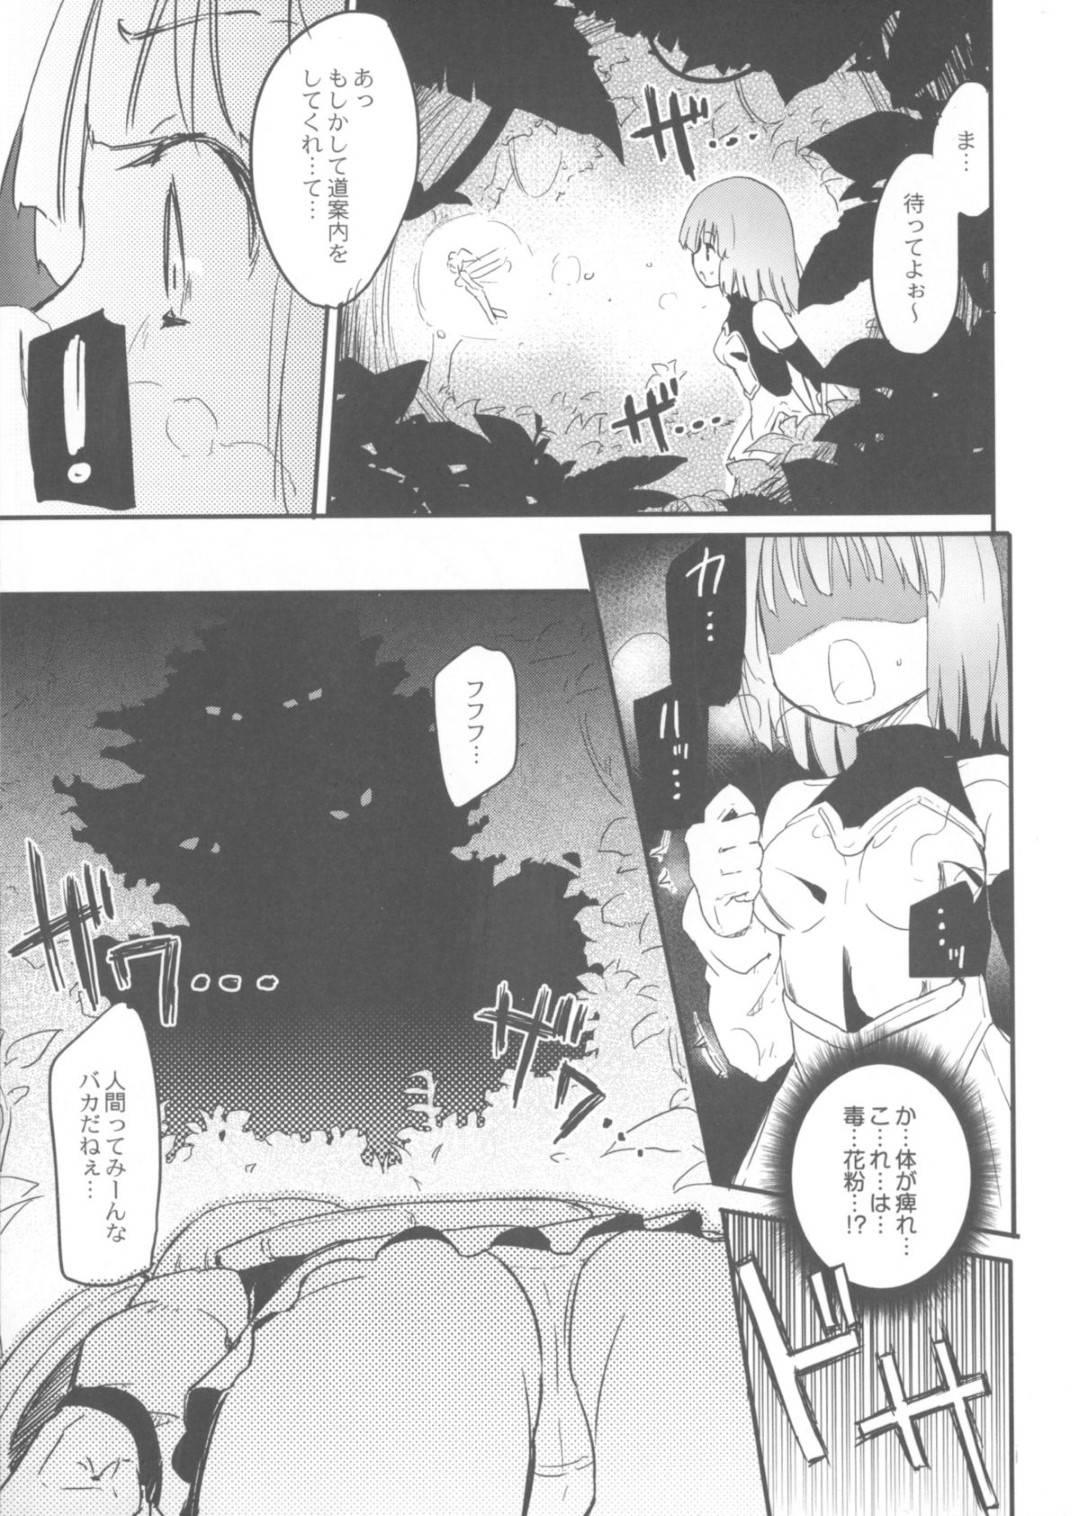 【エロ同人誌】夜の森で妖精を見つけてテンションの上がるロリ娘…意識を失い気づけば妖精たちに囲まれて拘束レズ調教で失禁するまでイカされる!【焔すばる:キチクヨウセイ】